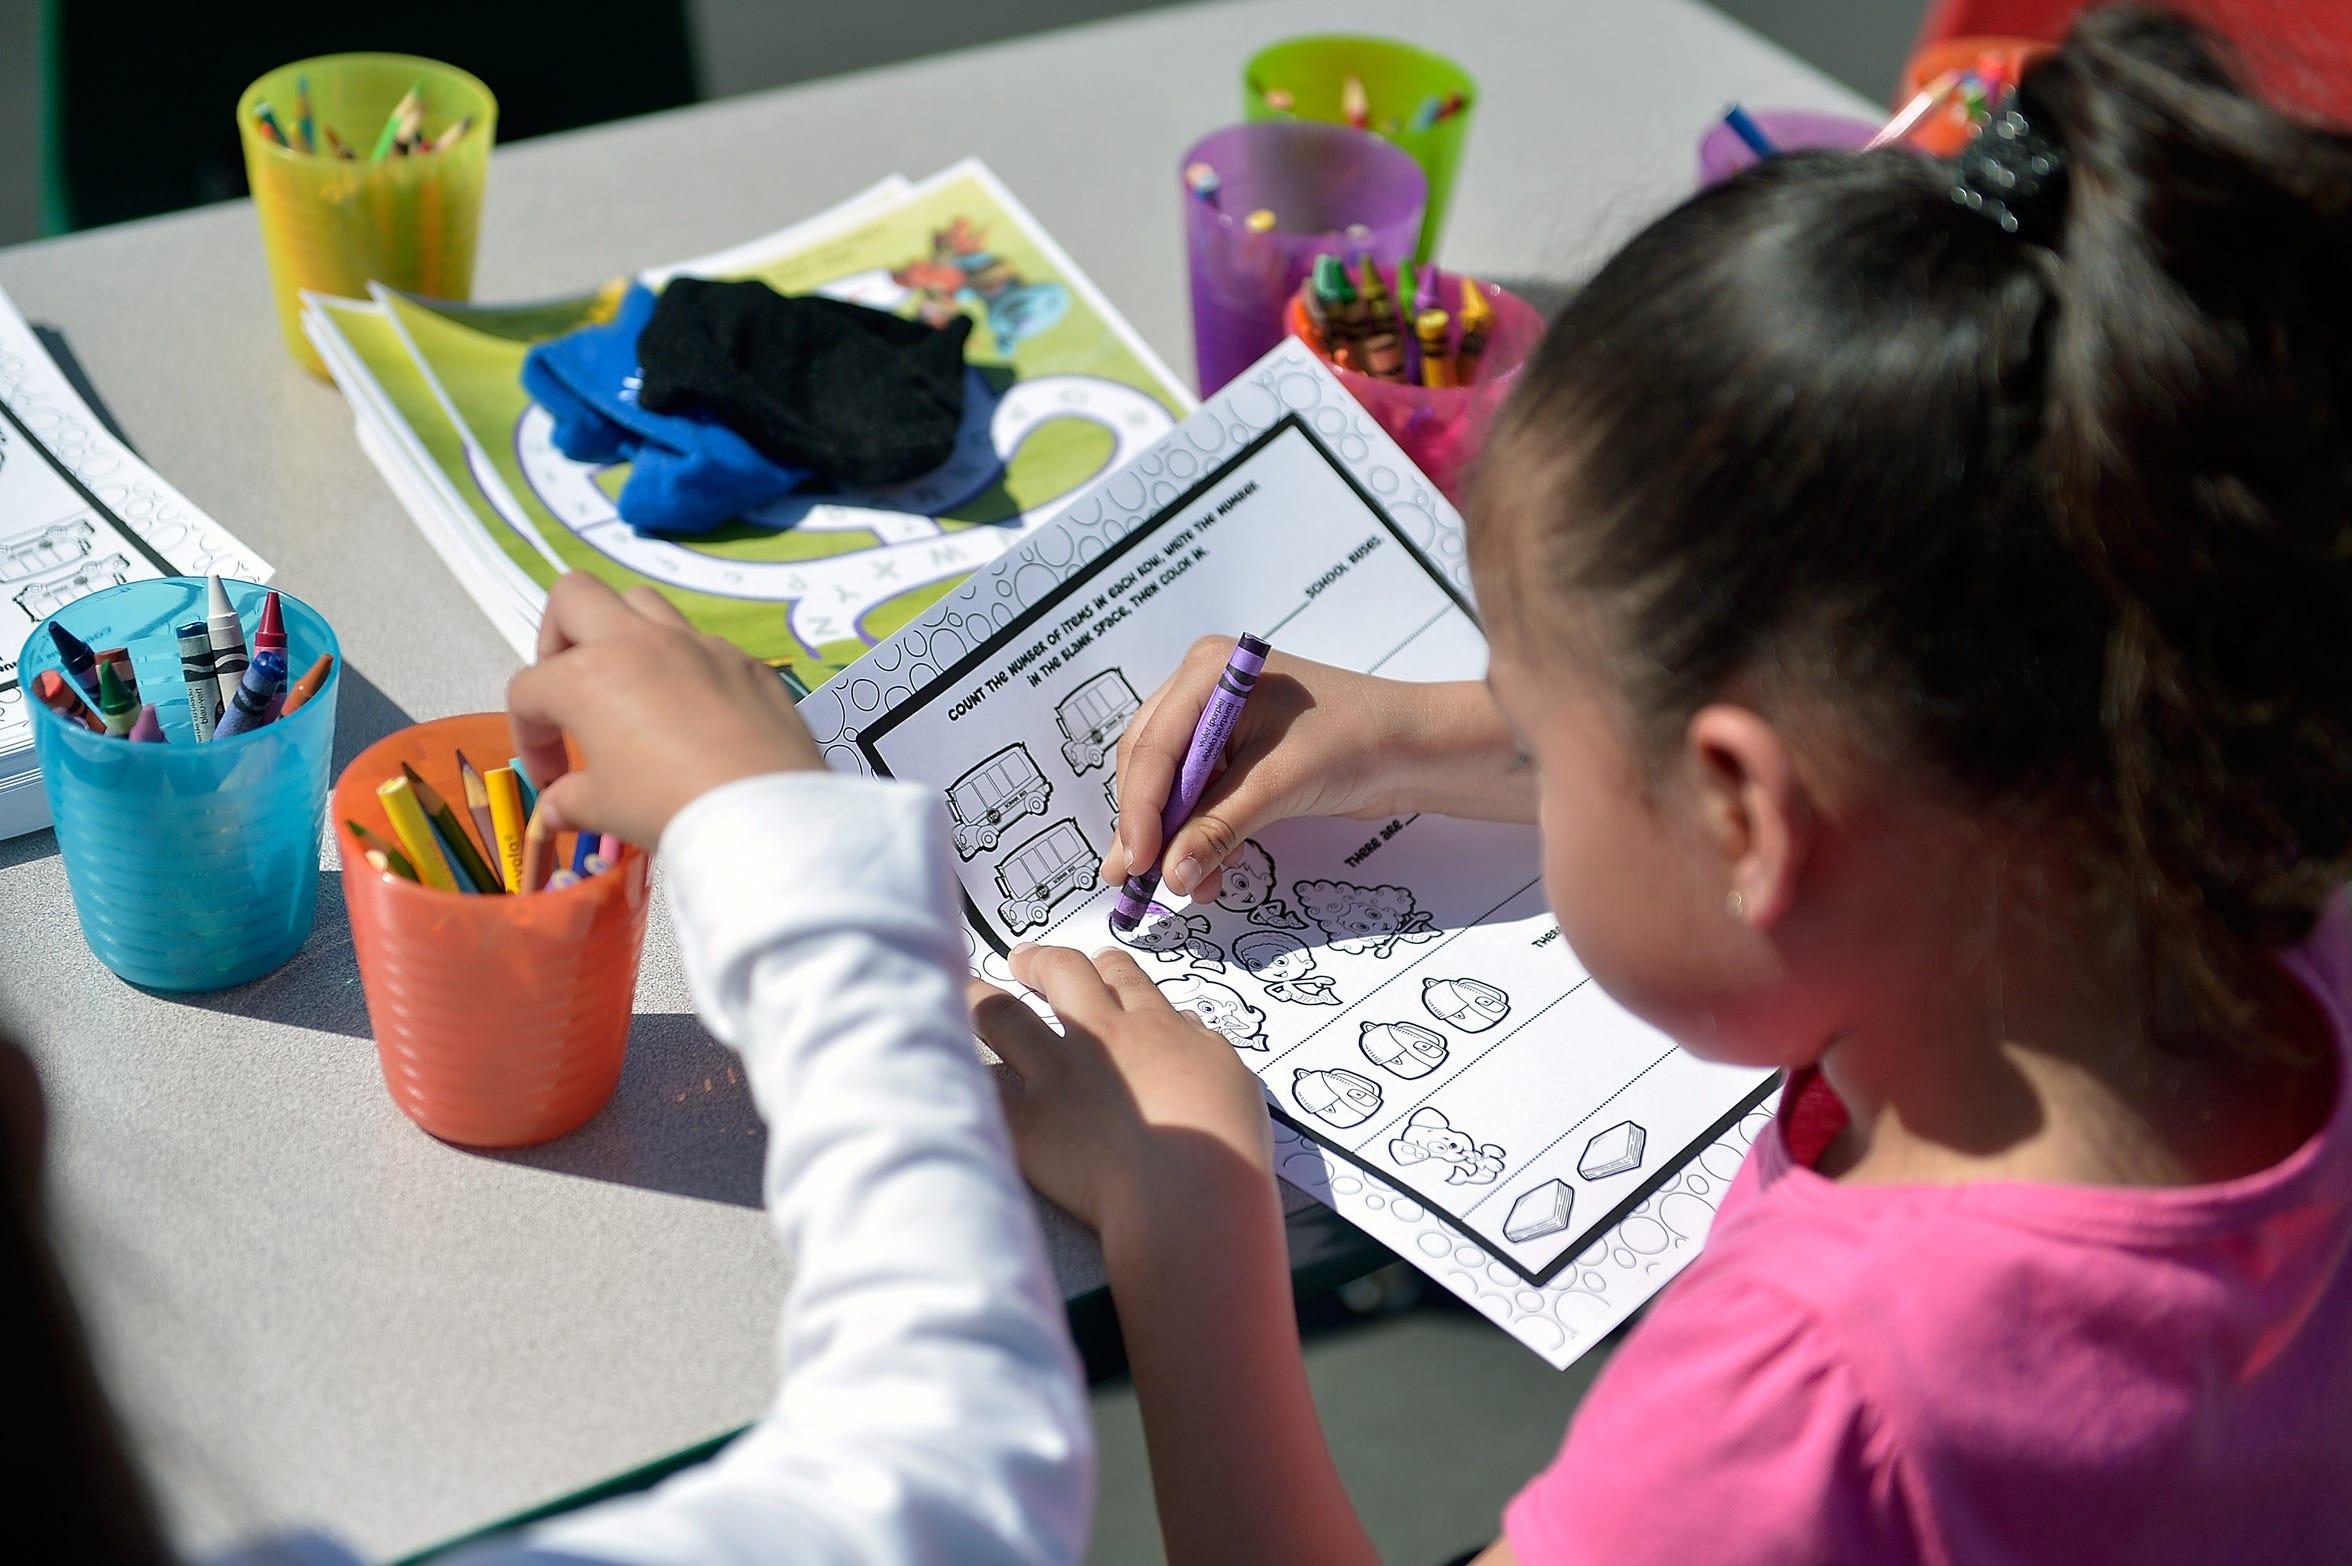 Una niña pinta un dibujo en la escuela. Foto archivo.